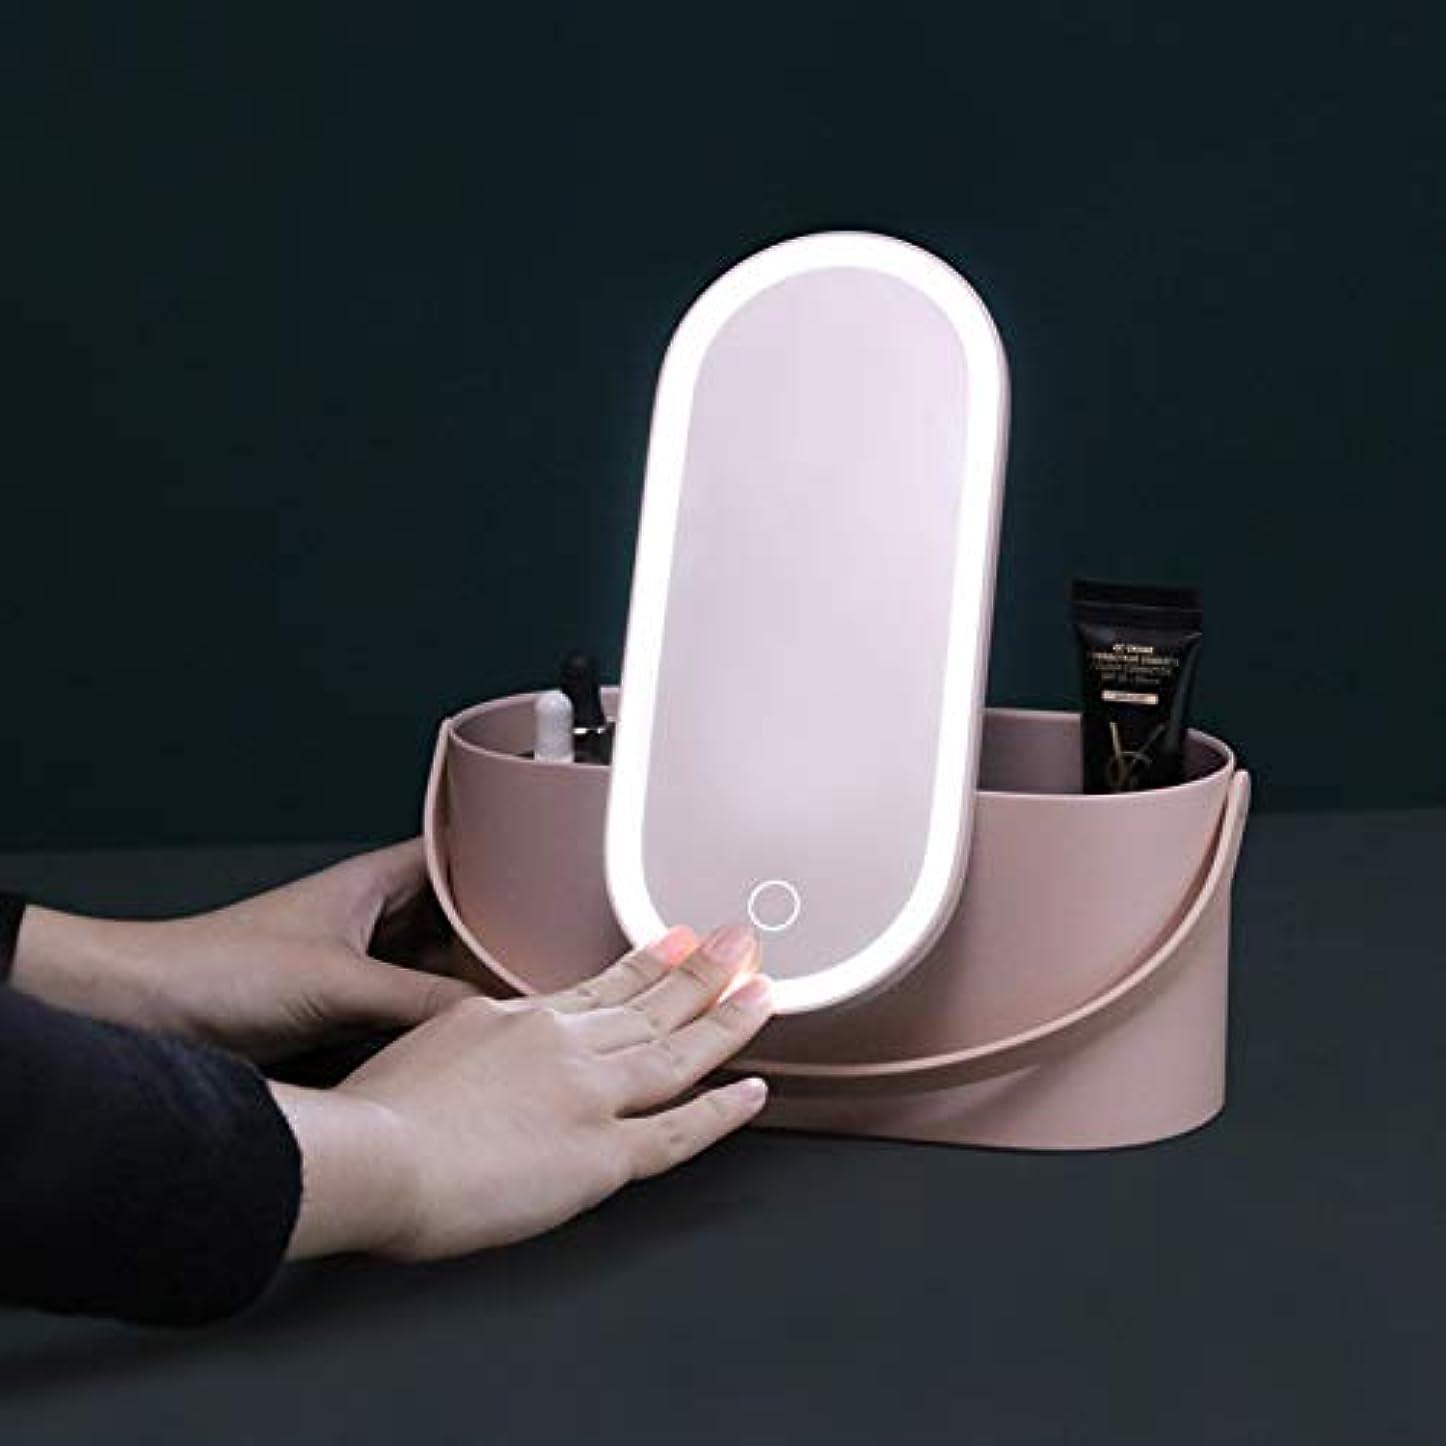 びん戦艦女将BelleLife 化粧鏡付きの便携式メイクボックス 鏡 卓上化粧品収納ボックス LEDライト付きミラー 明るさ調節可能 180度回転 USB 旅行中にいつでも化粧直し 鏡台として使える (ピンク)